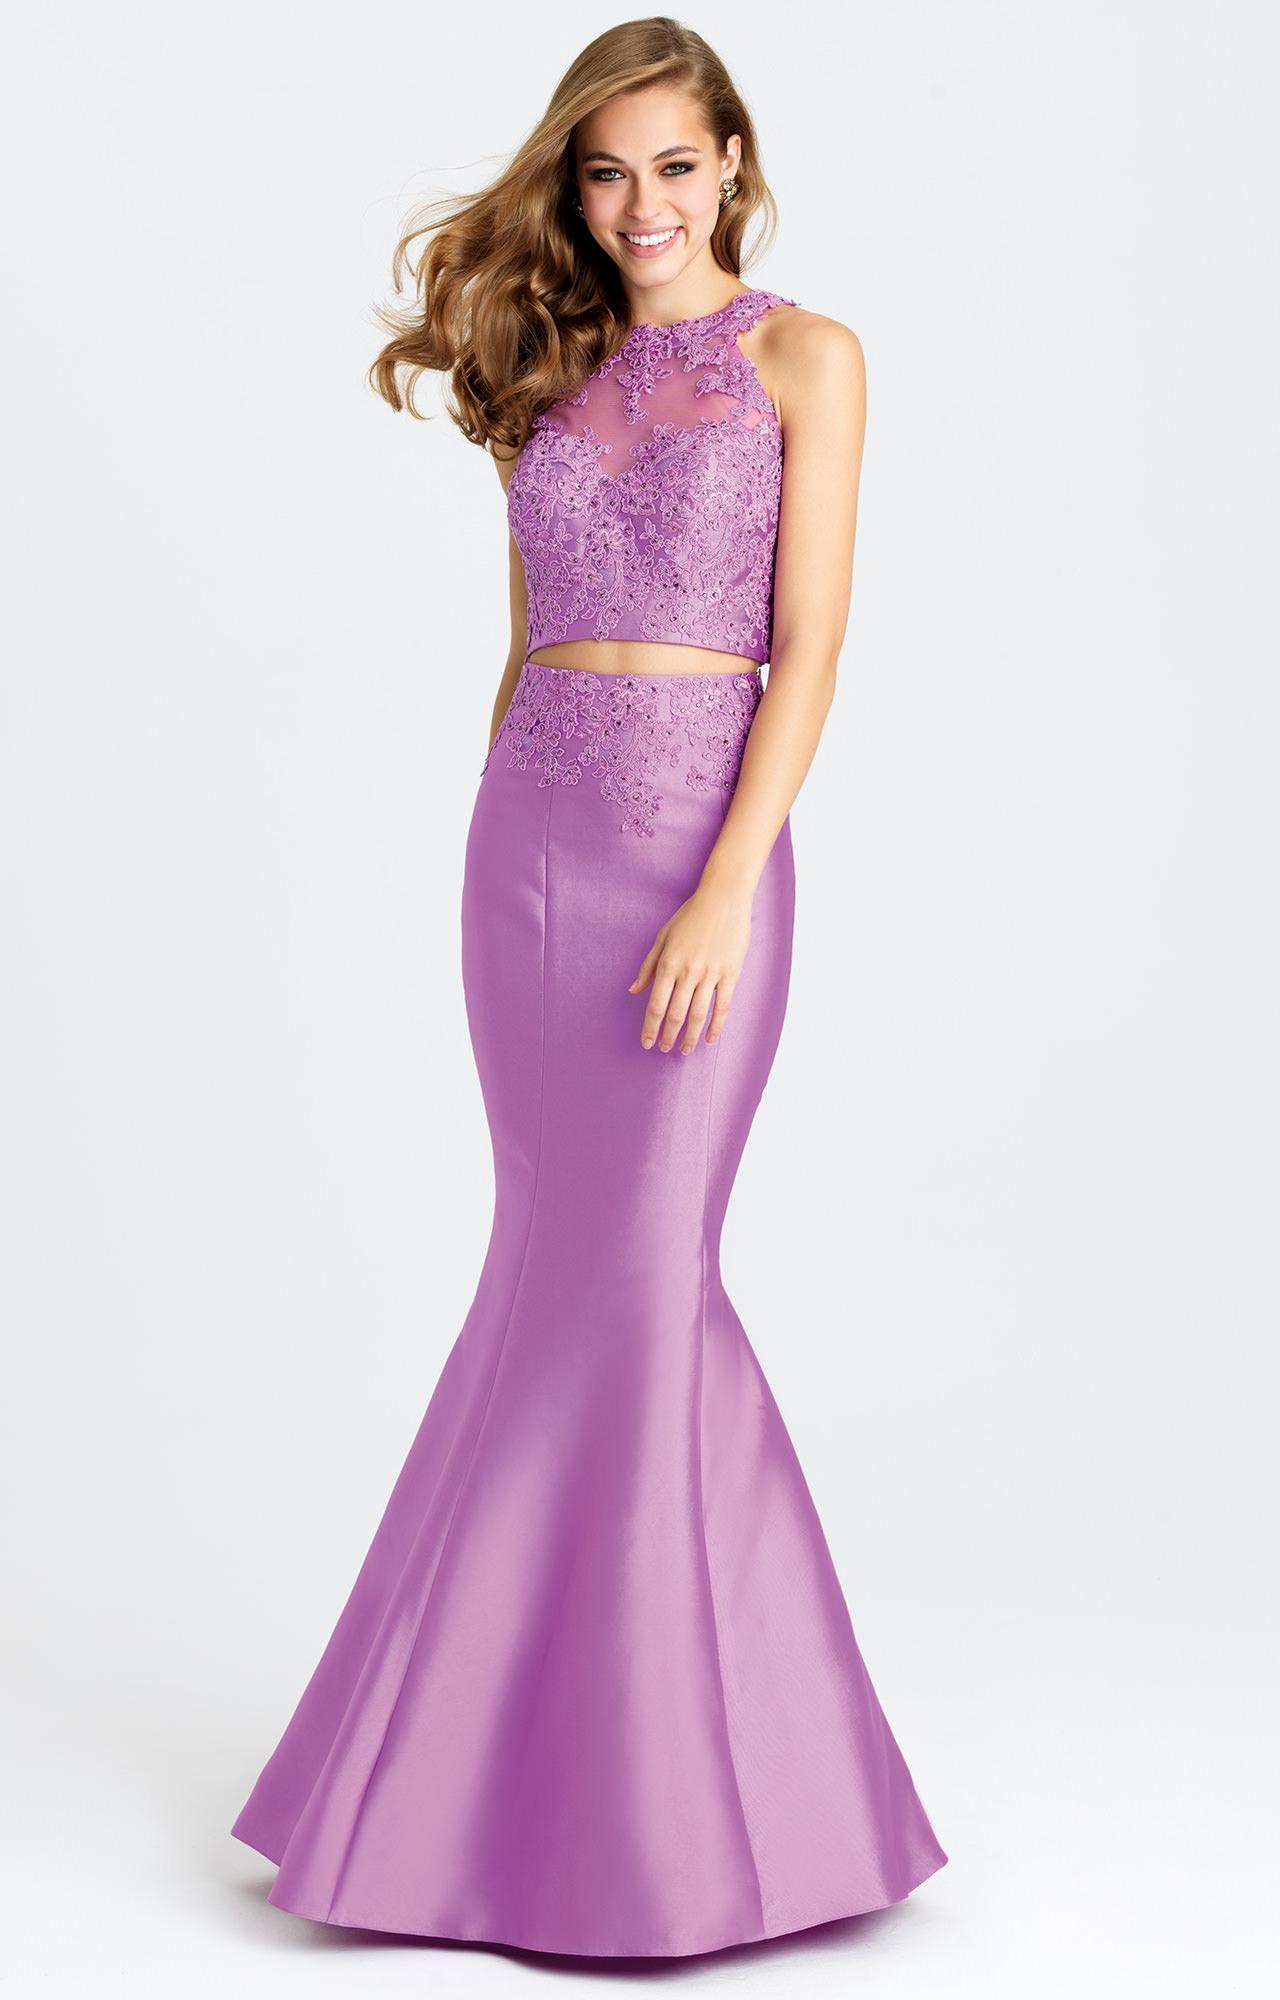 Madison James 16-433 - The Ursula Dress Prom Dress